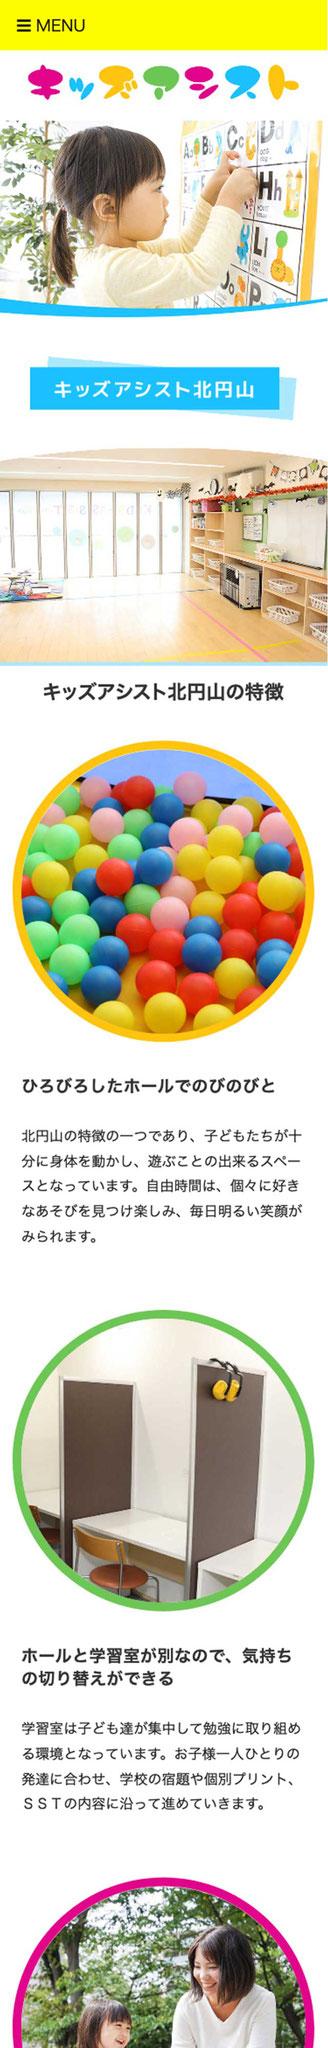 「キッズアシスト北円山」ページのモバイル表示1